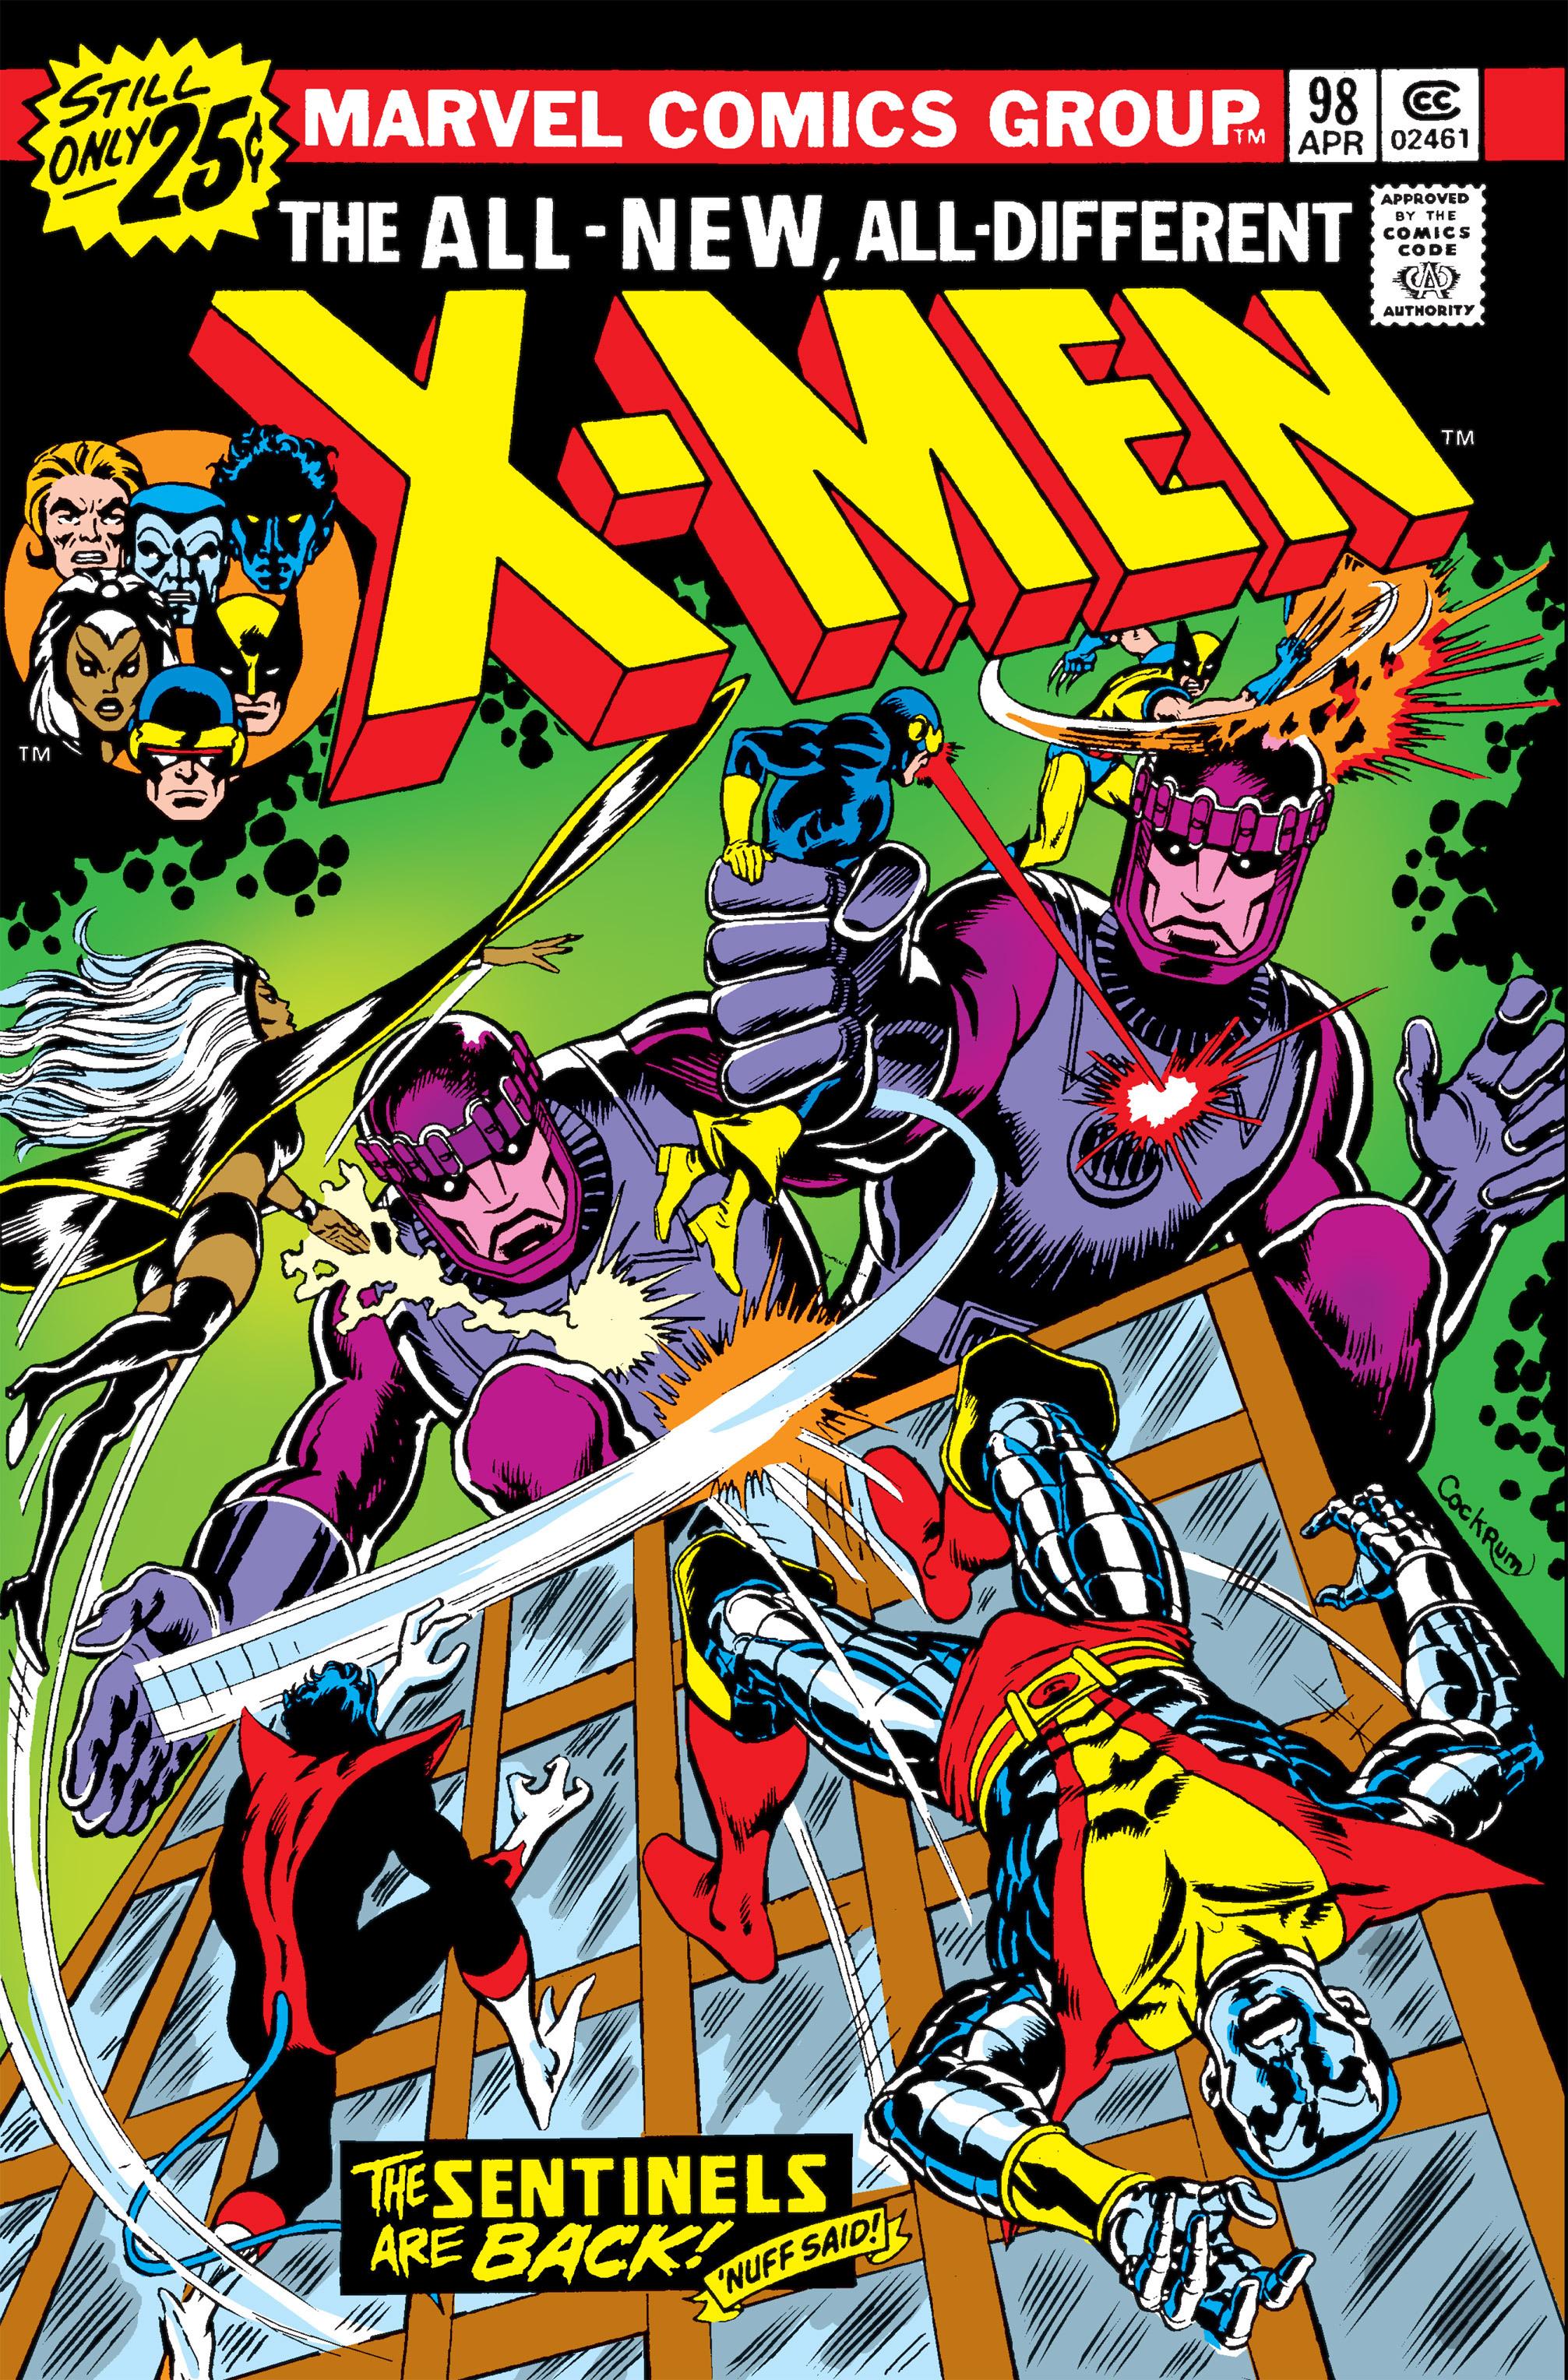 Uncanny X-Men (1963) 98 Page 1